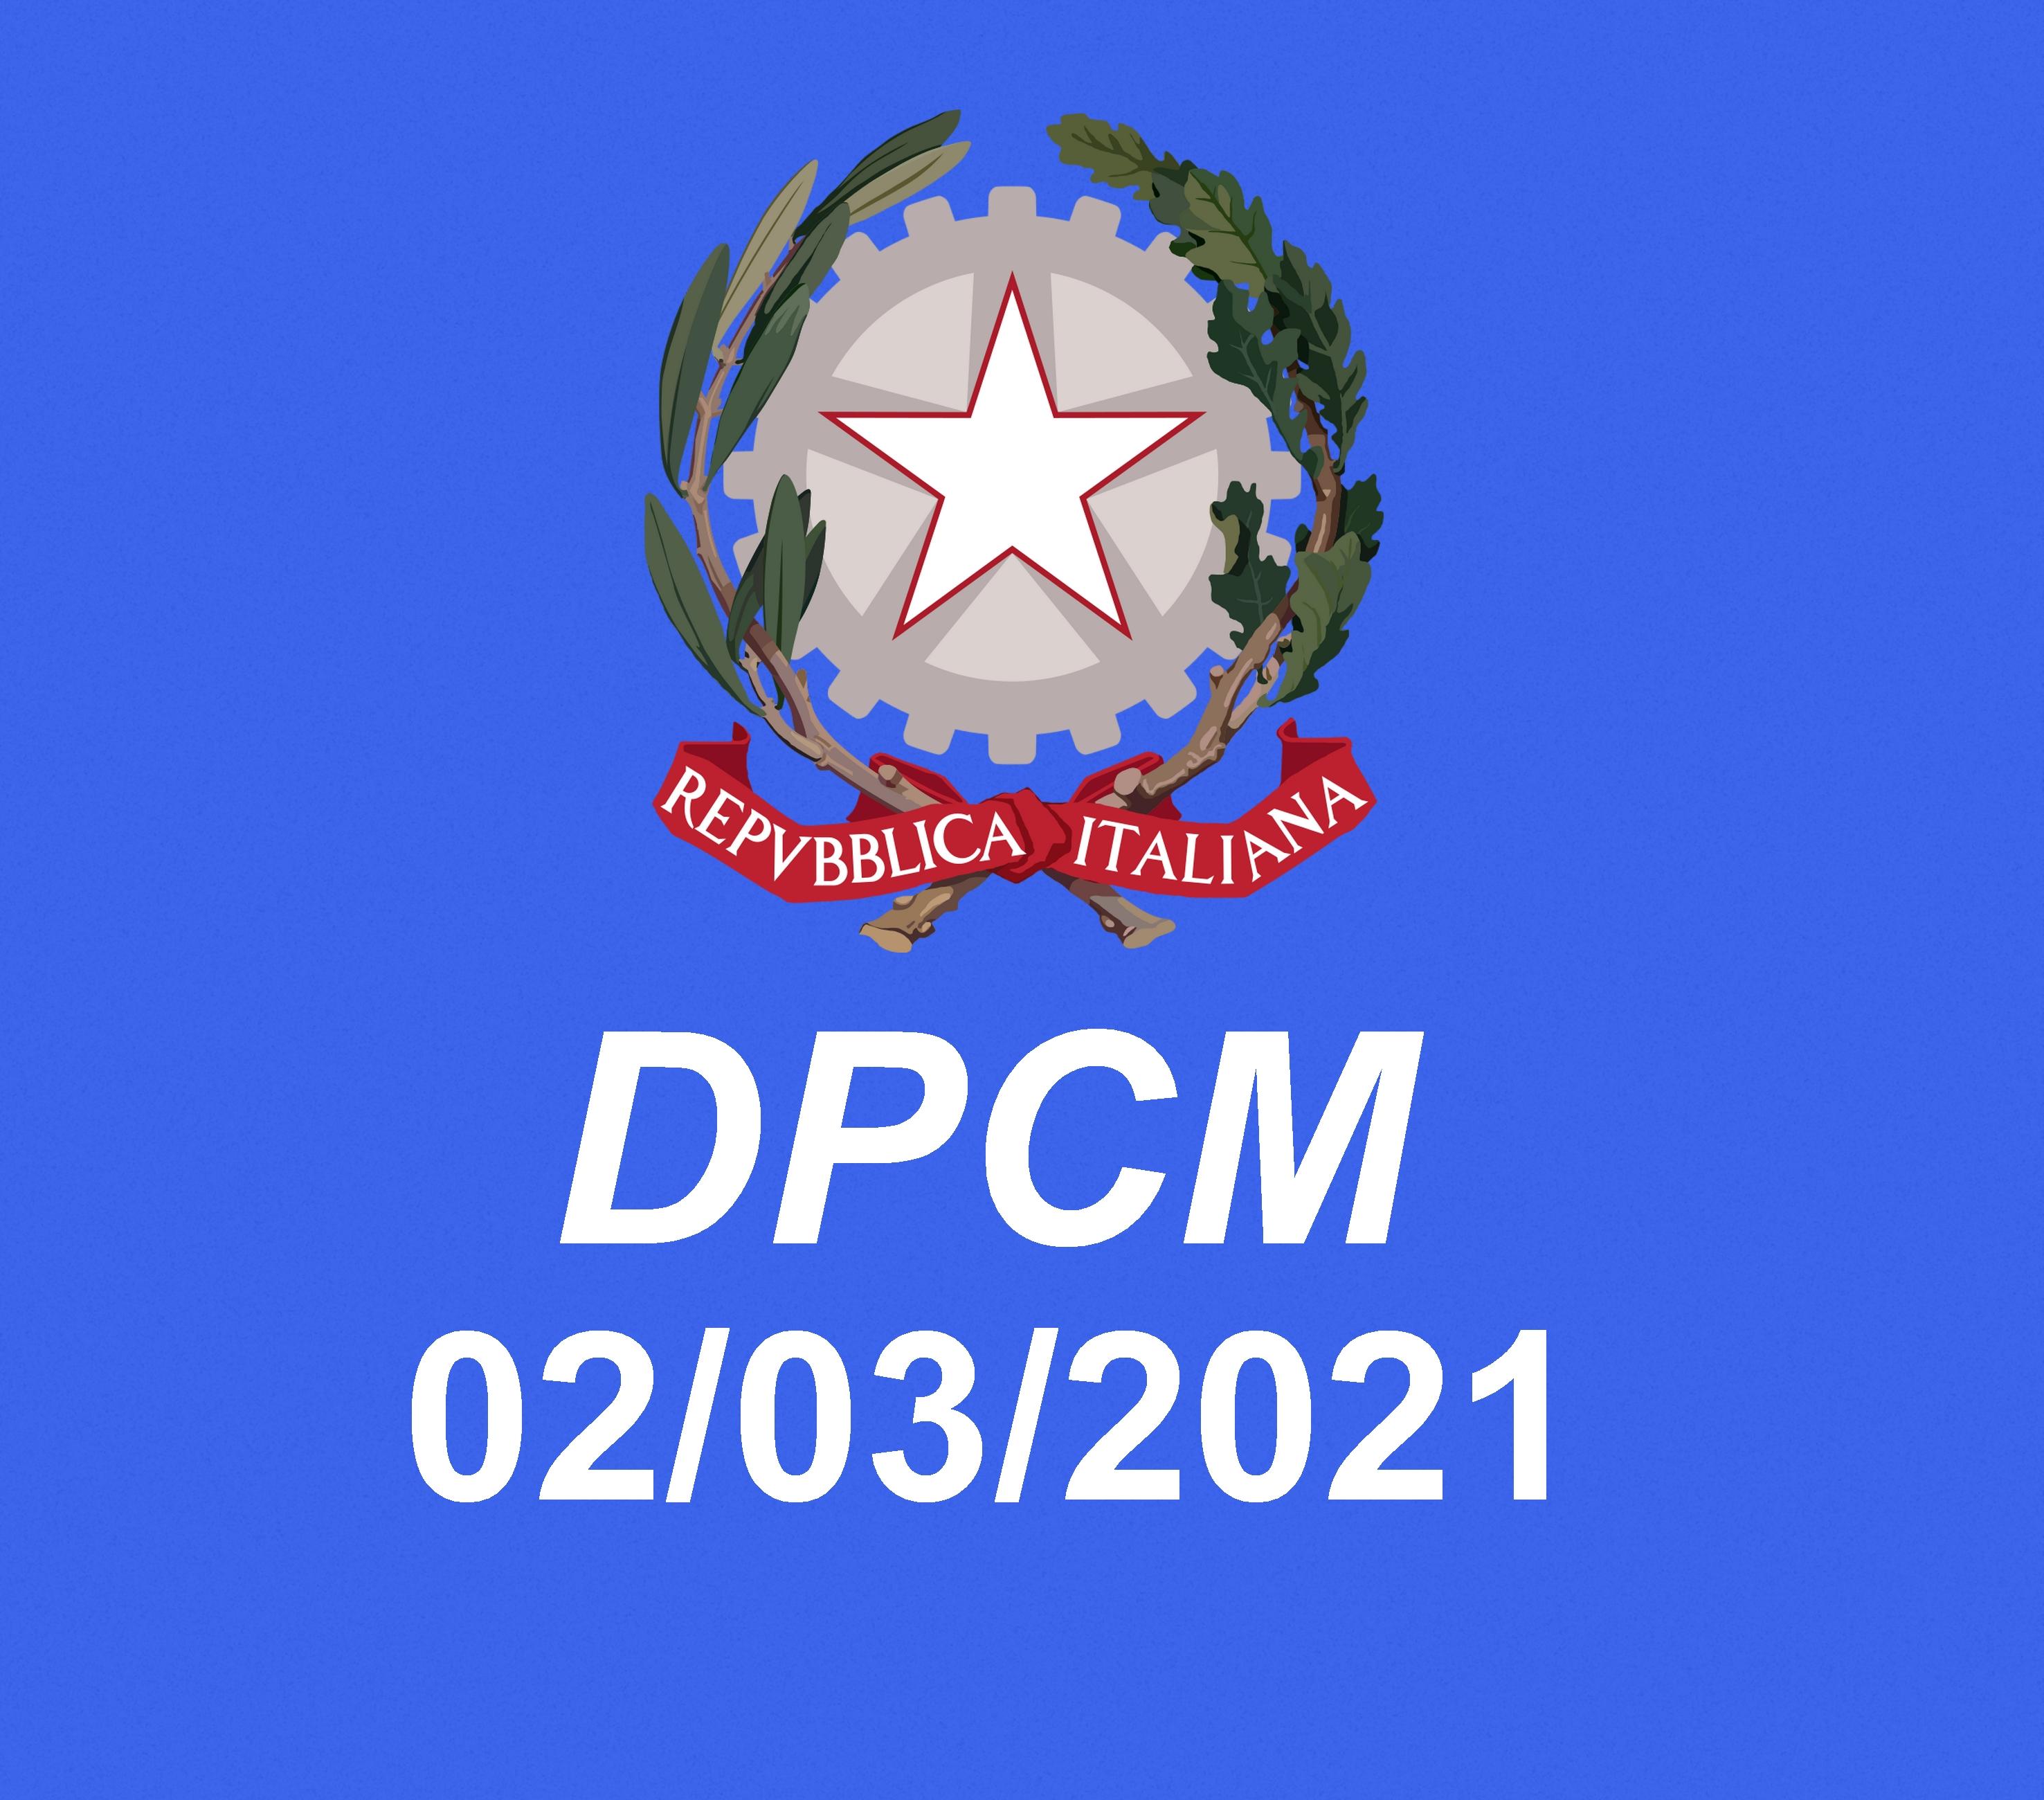 DPCM del 2 marzo 2021